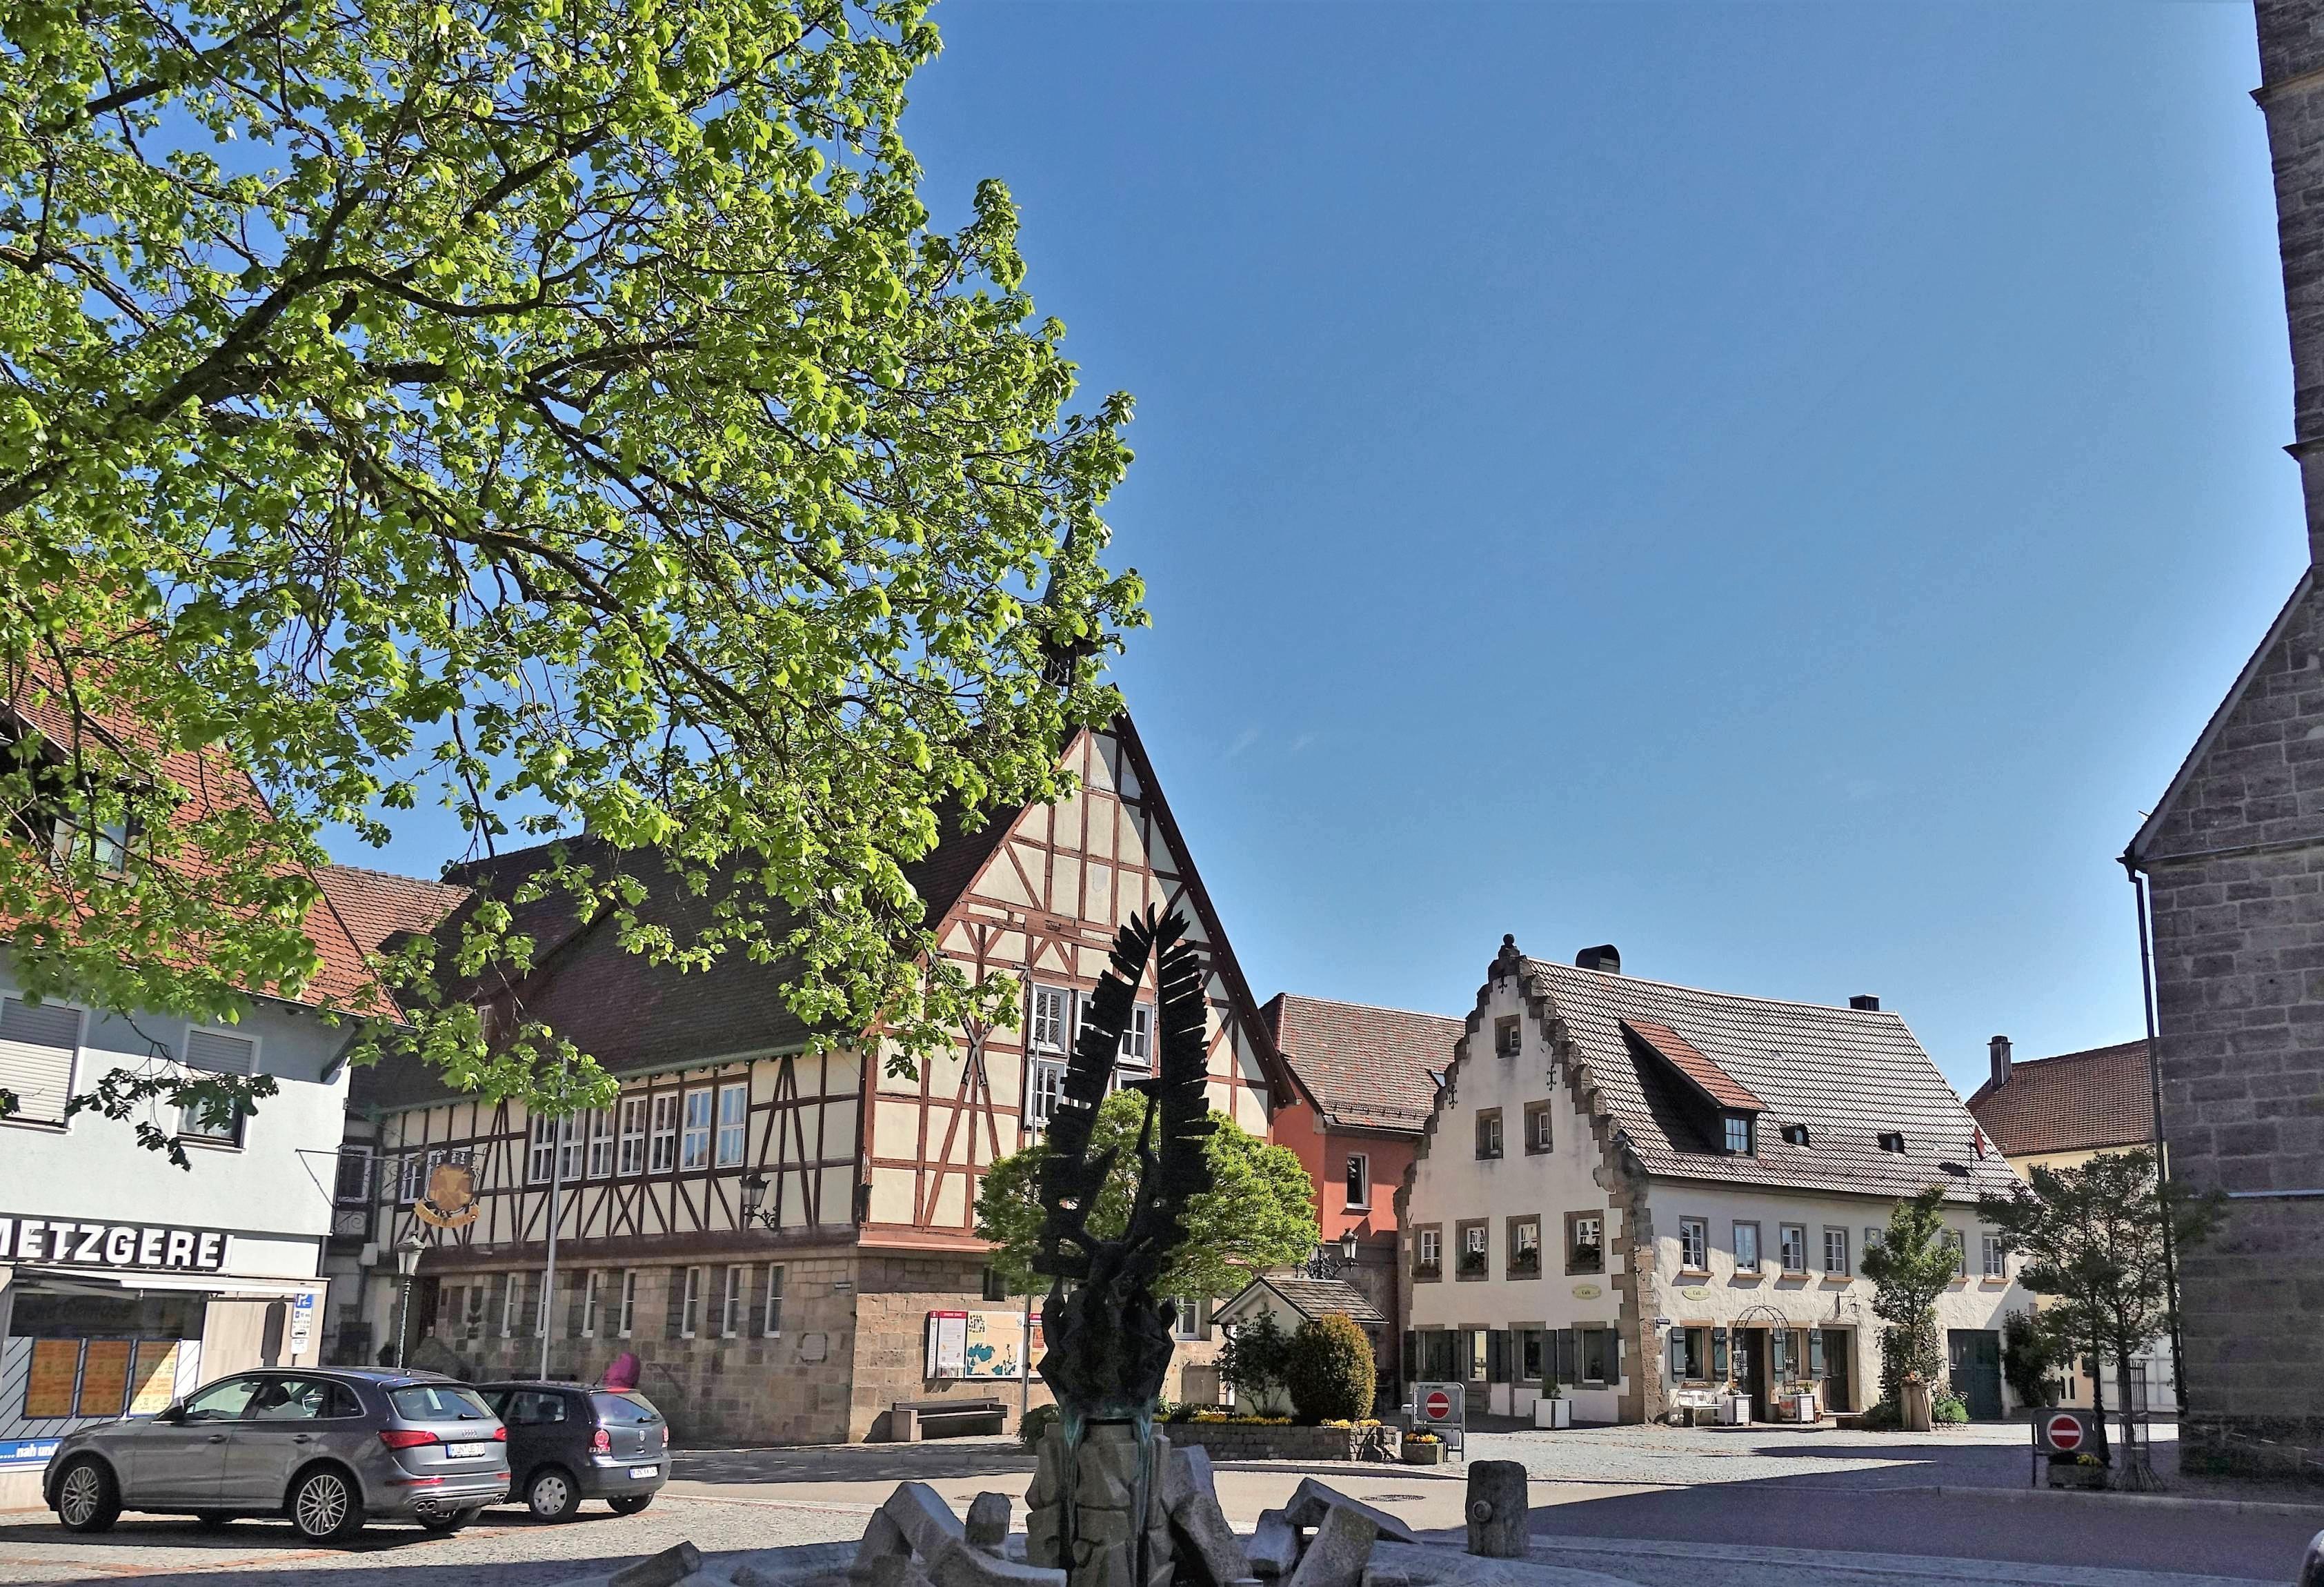 Die hübsch herausgeputzte Altstadt Waldenburgs lässt kaum mehr erahnen, dass viele ihrer Bewohner früher in bitterer Armut lebten. Fotos: Juergen Koch